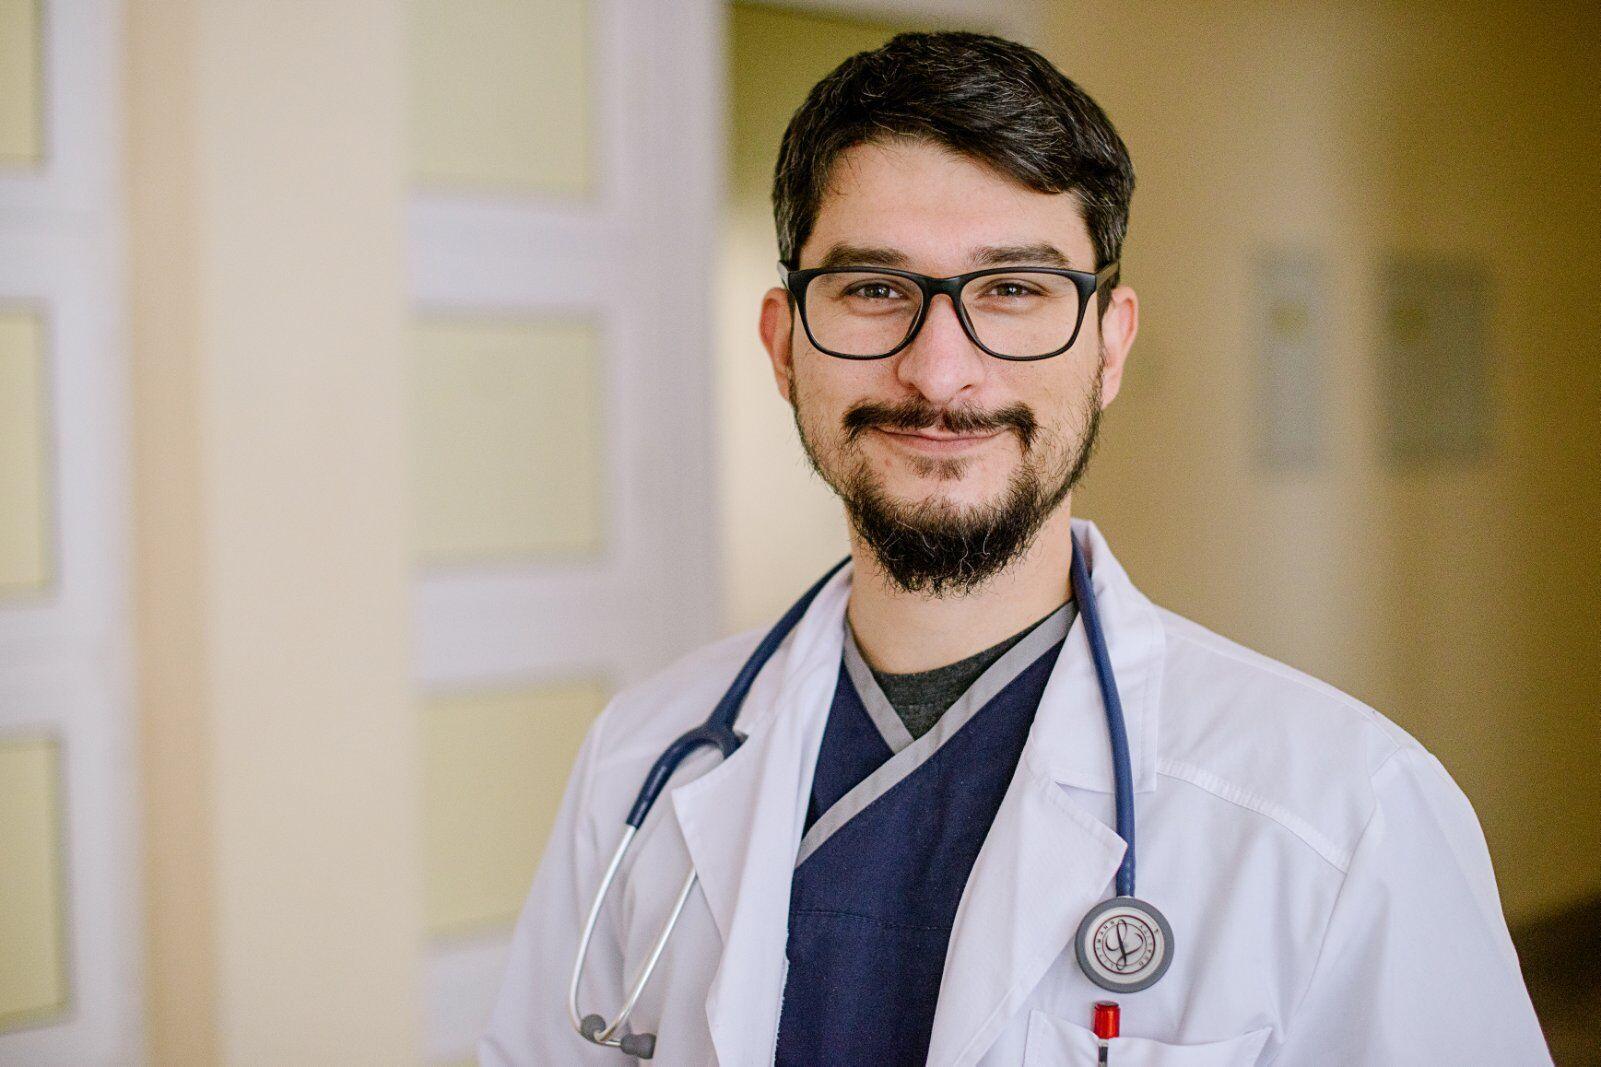 Врач-инфекционист из Ужгорода Степан Карабиньош уже получил первую дозу вакцины от коронавируса